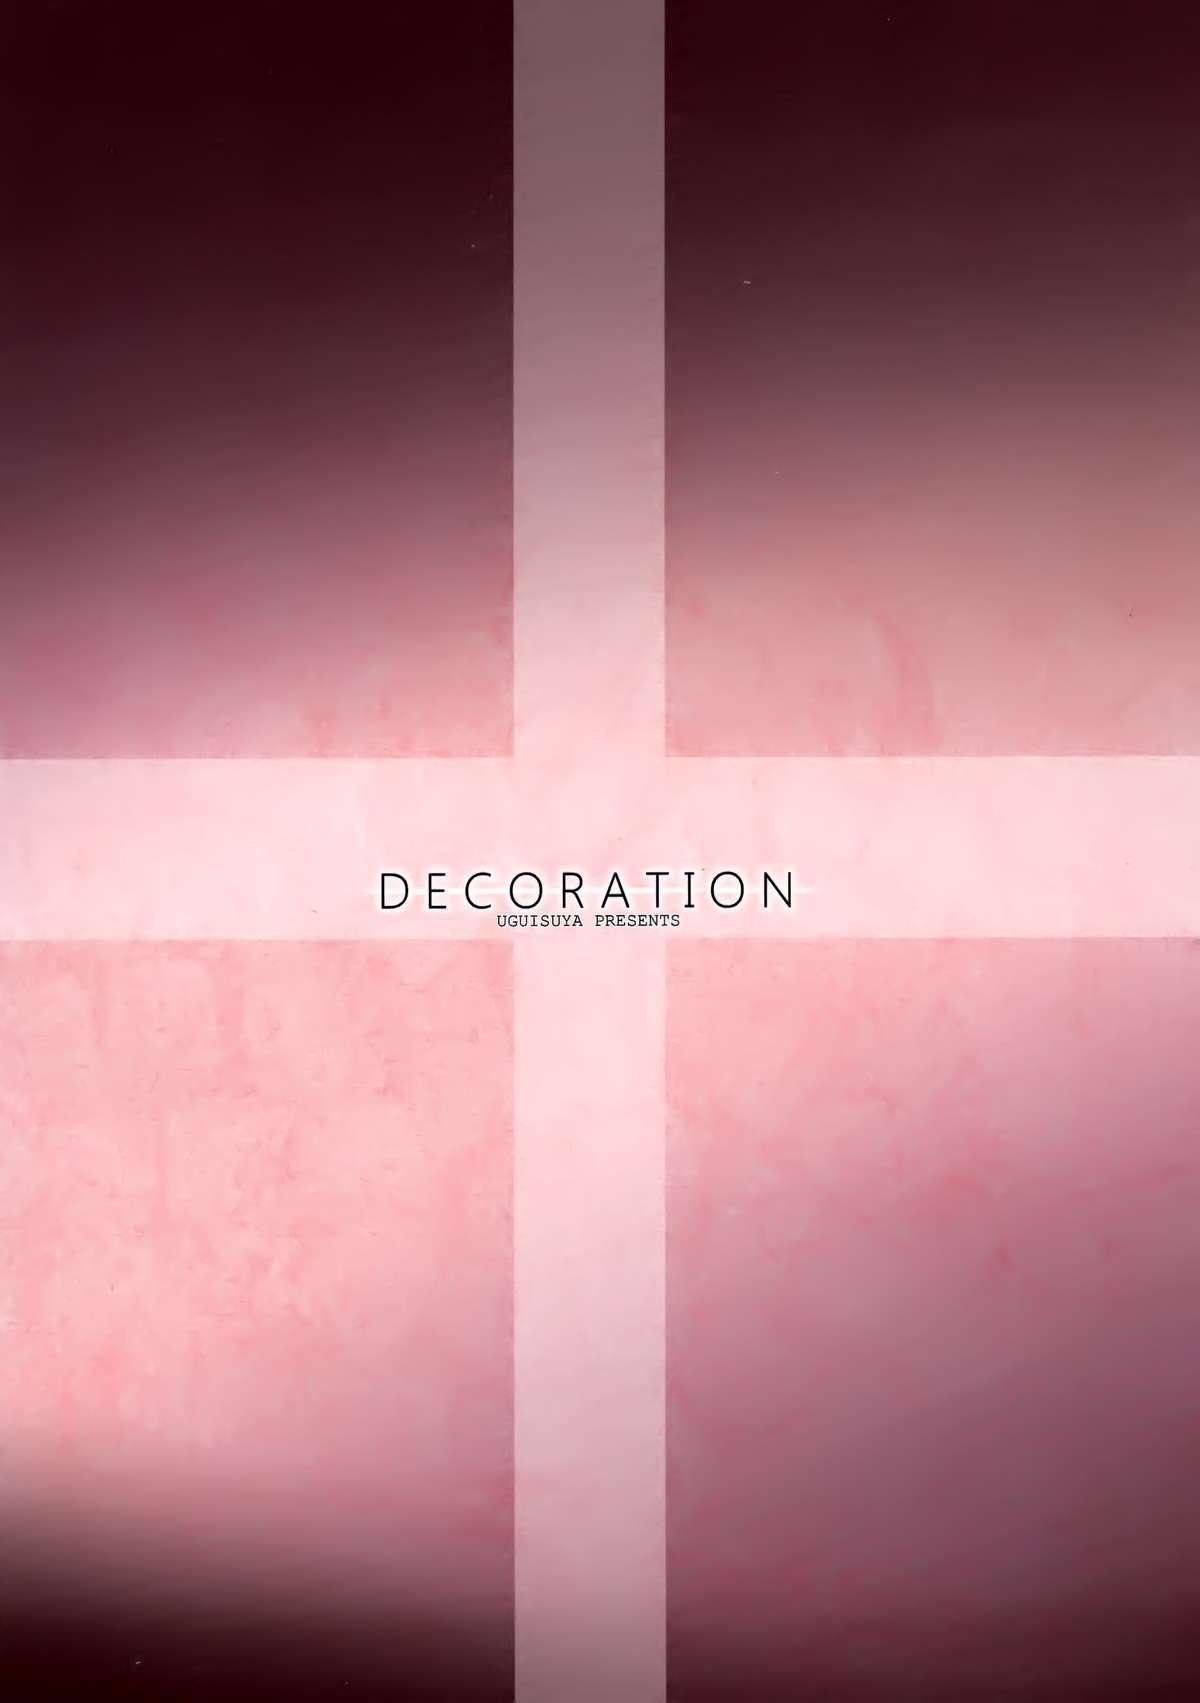 DECORATION 23